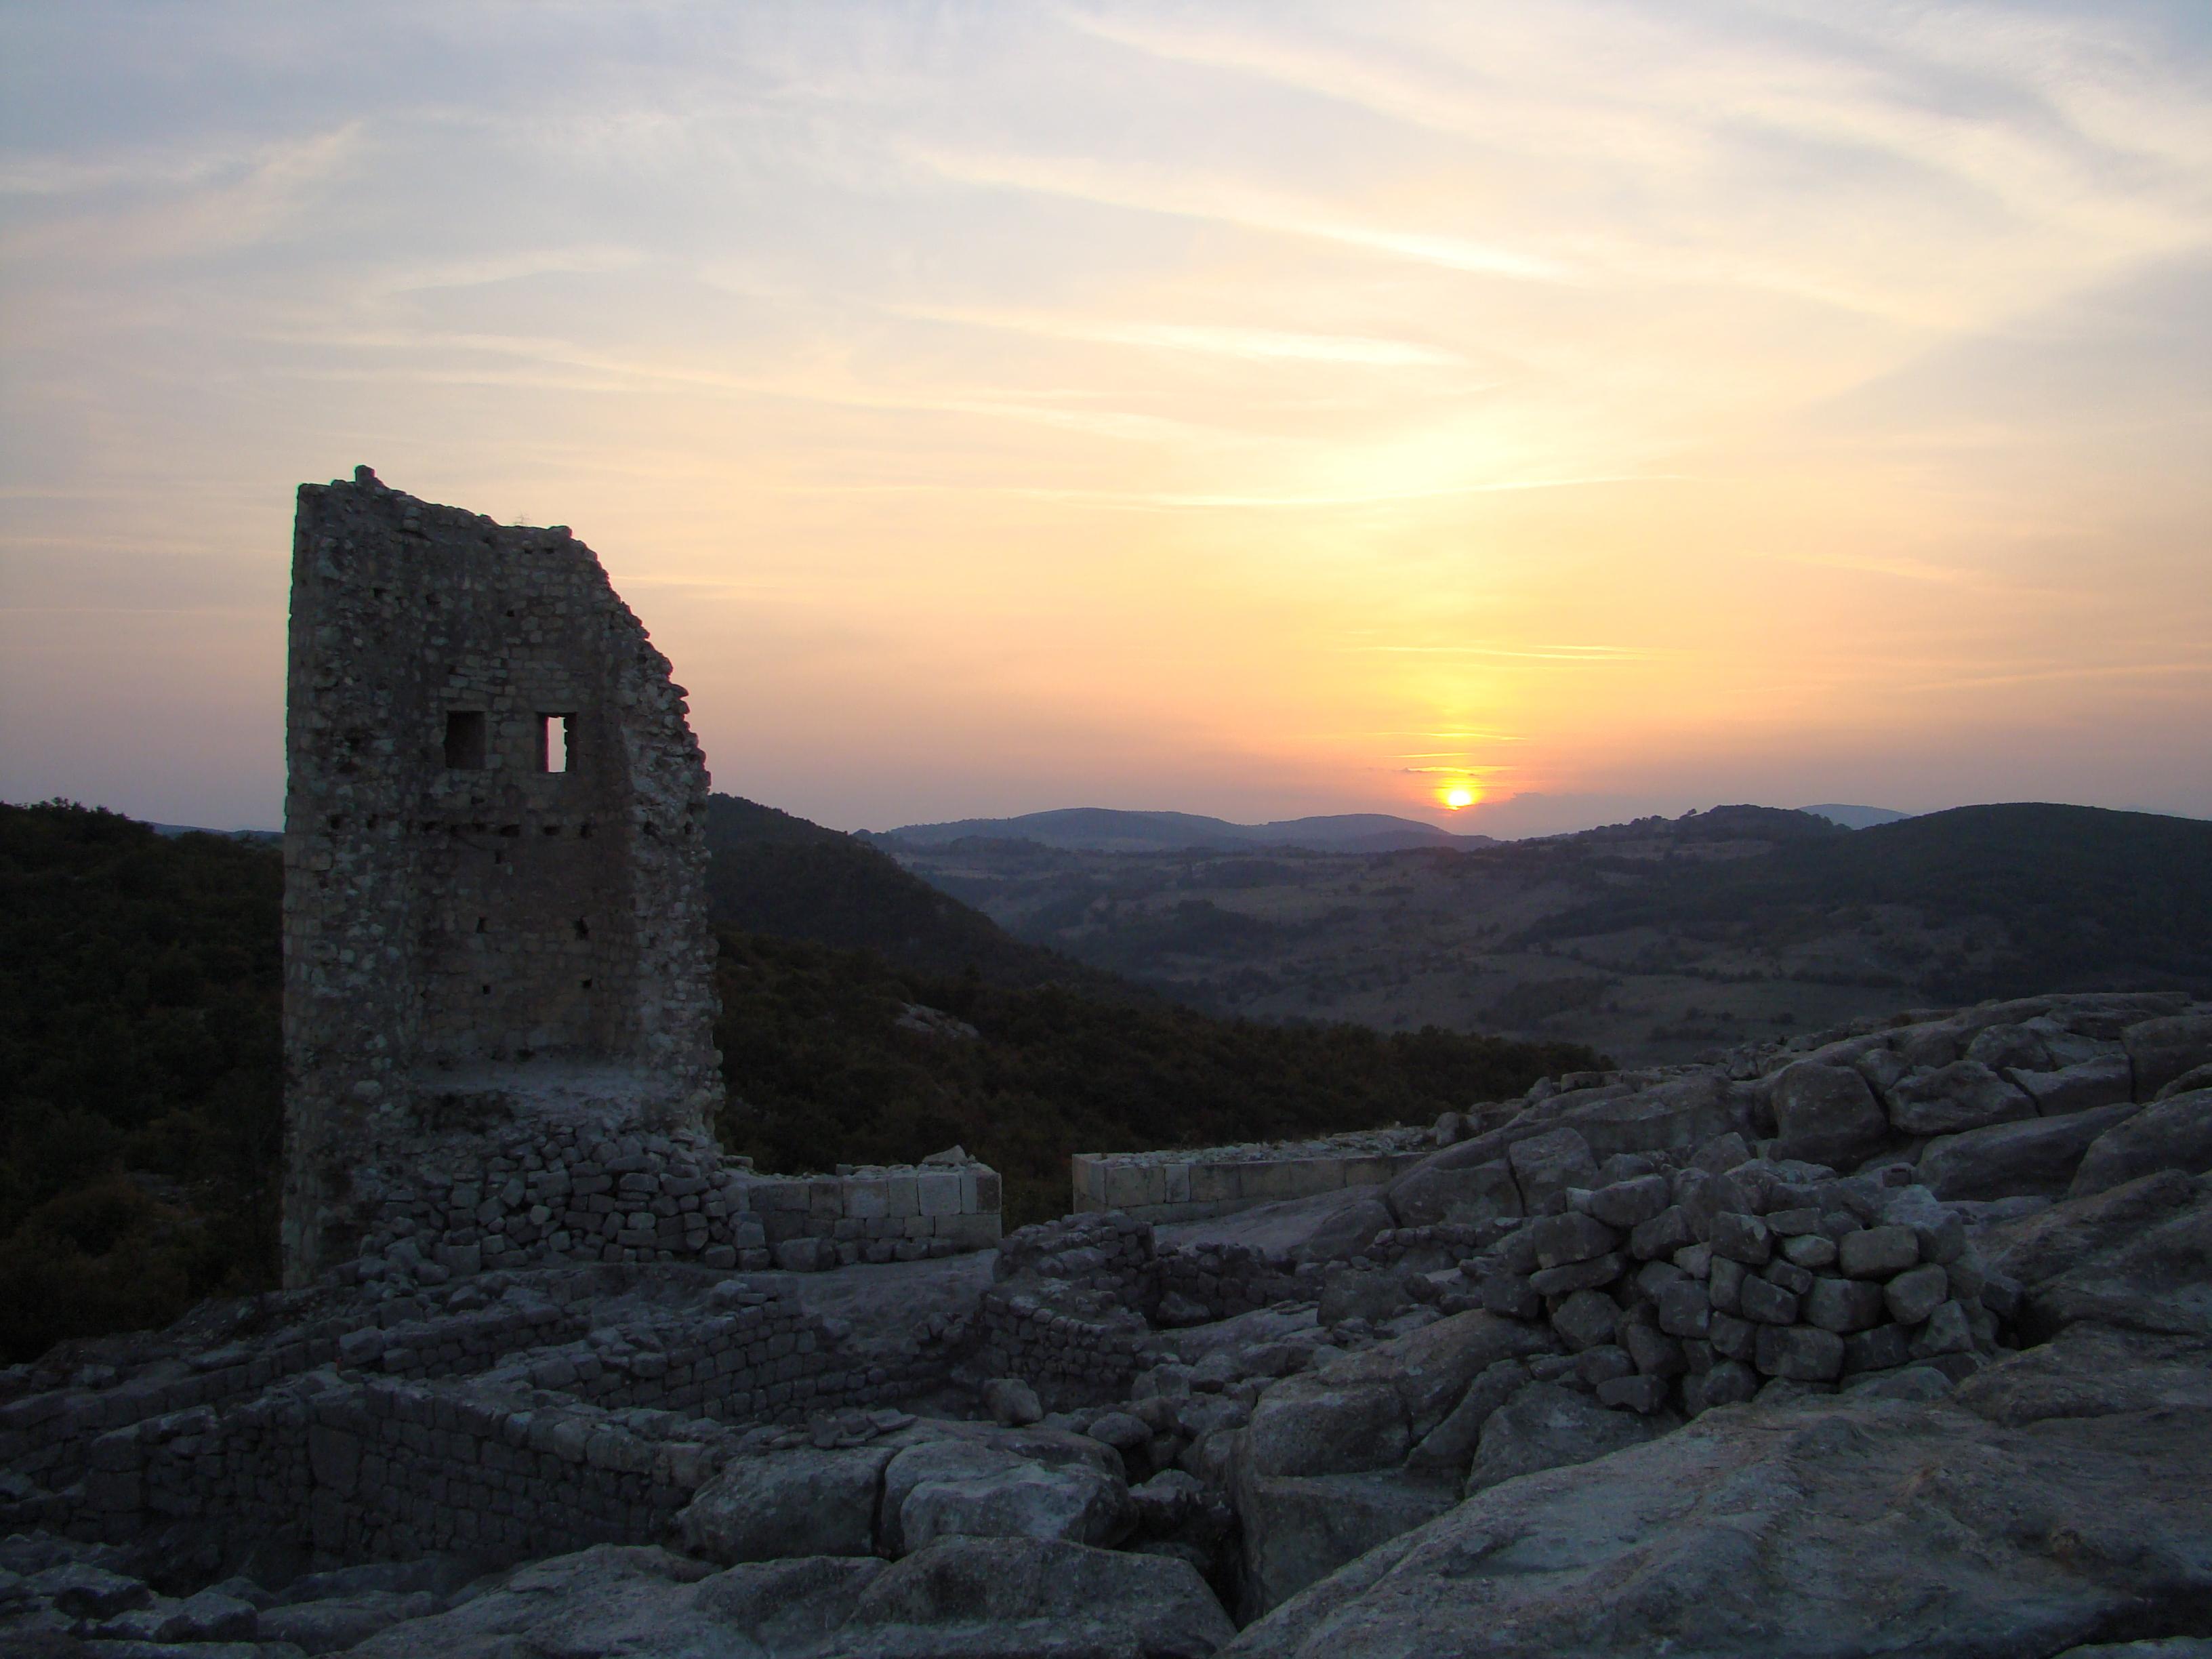 Перперикон (болг. Перперикон, так же Гиперперакион) — древний фракийский город, расположенный в восточных Родопах, в 15 км северо-восточнее от города Кырджали, в Болгарии. Расположен на 470 метровом скалистом холме. Представляет собой огромное мегалитическое святилище, которое в древности было святилищем Диониса